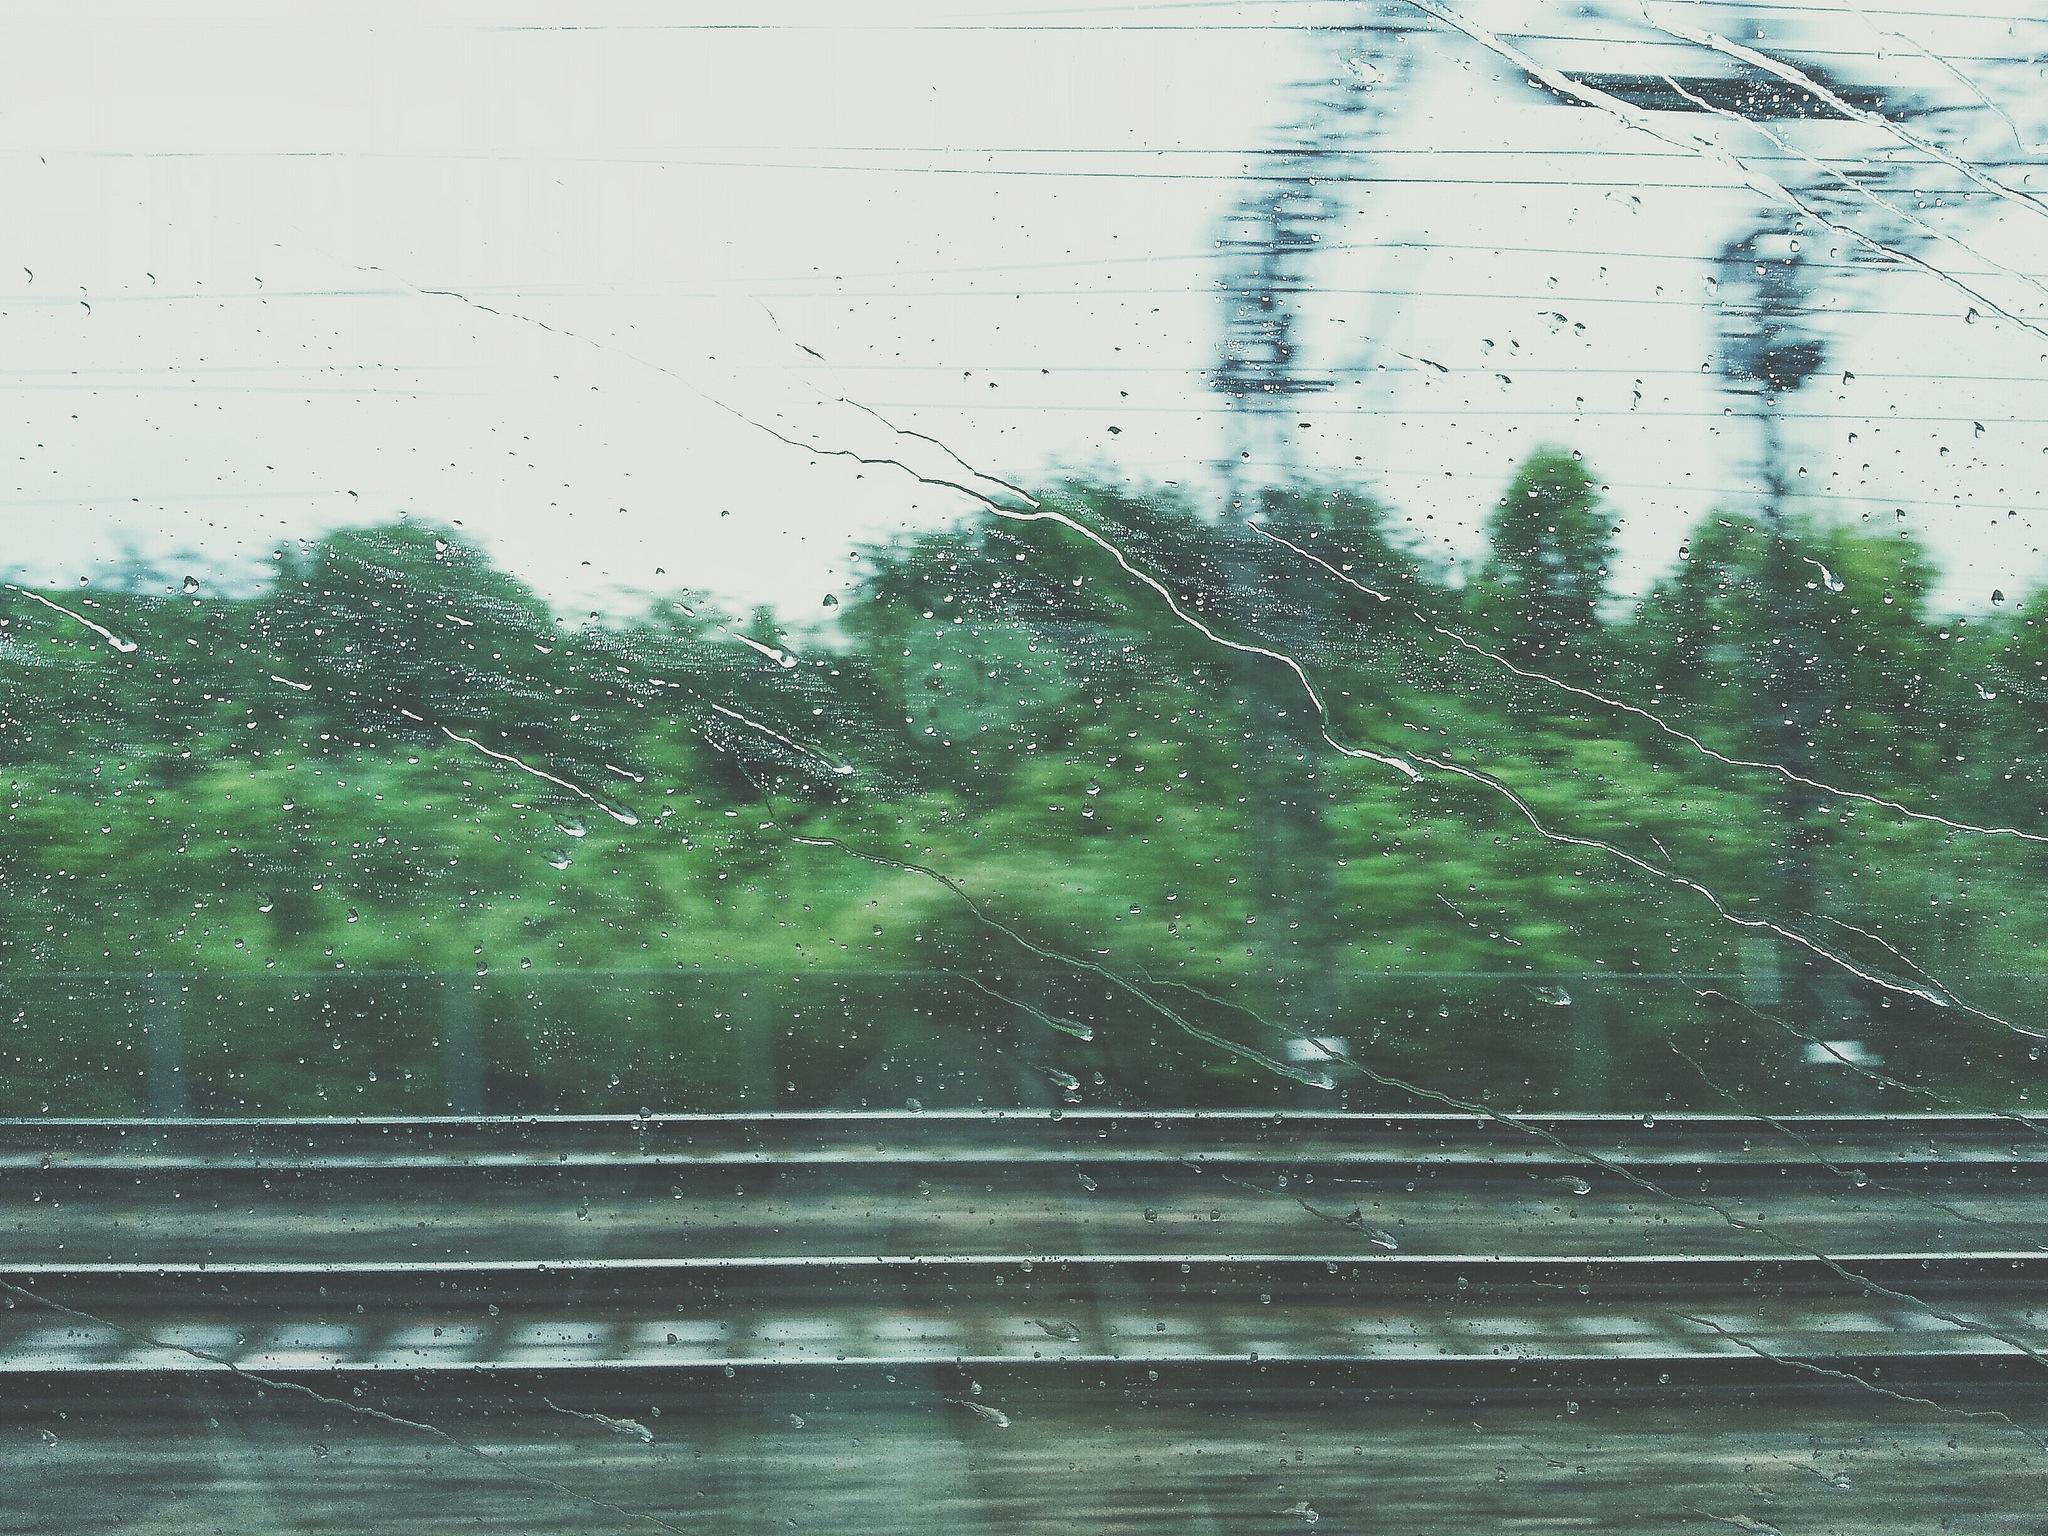 Nós somos como a chuva que passa